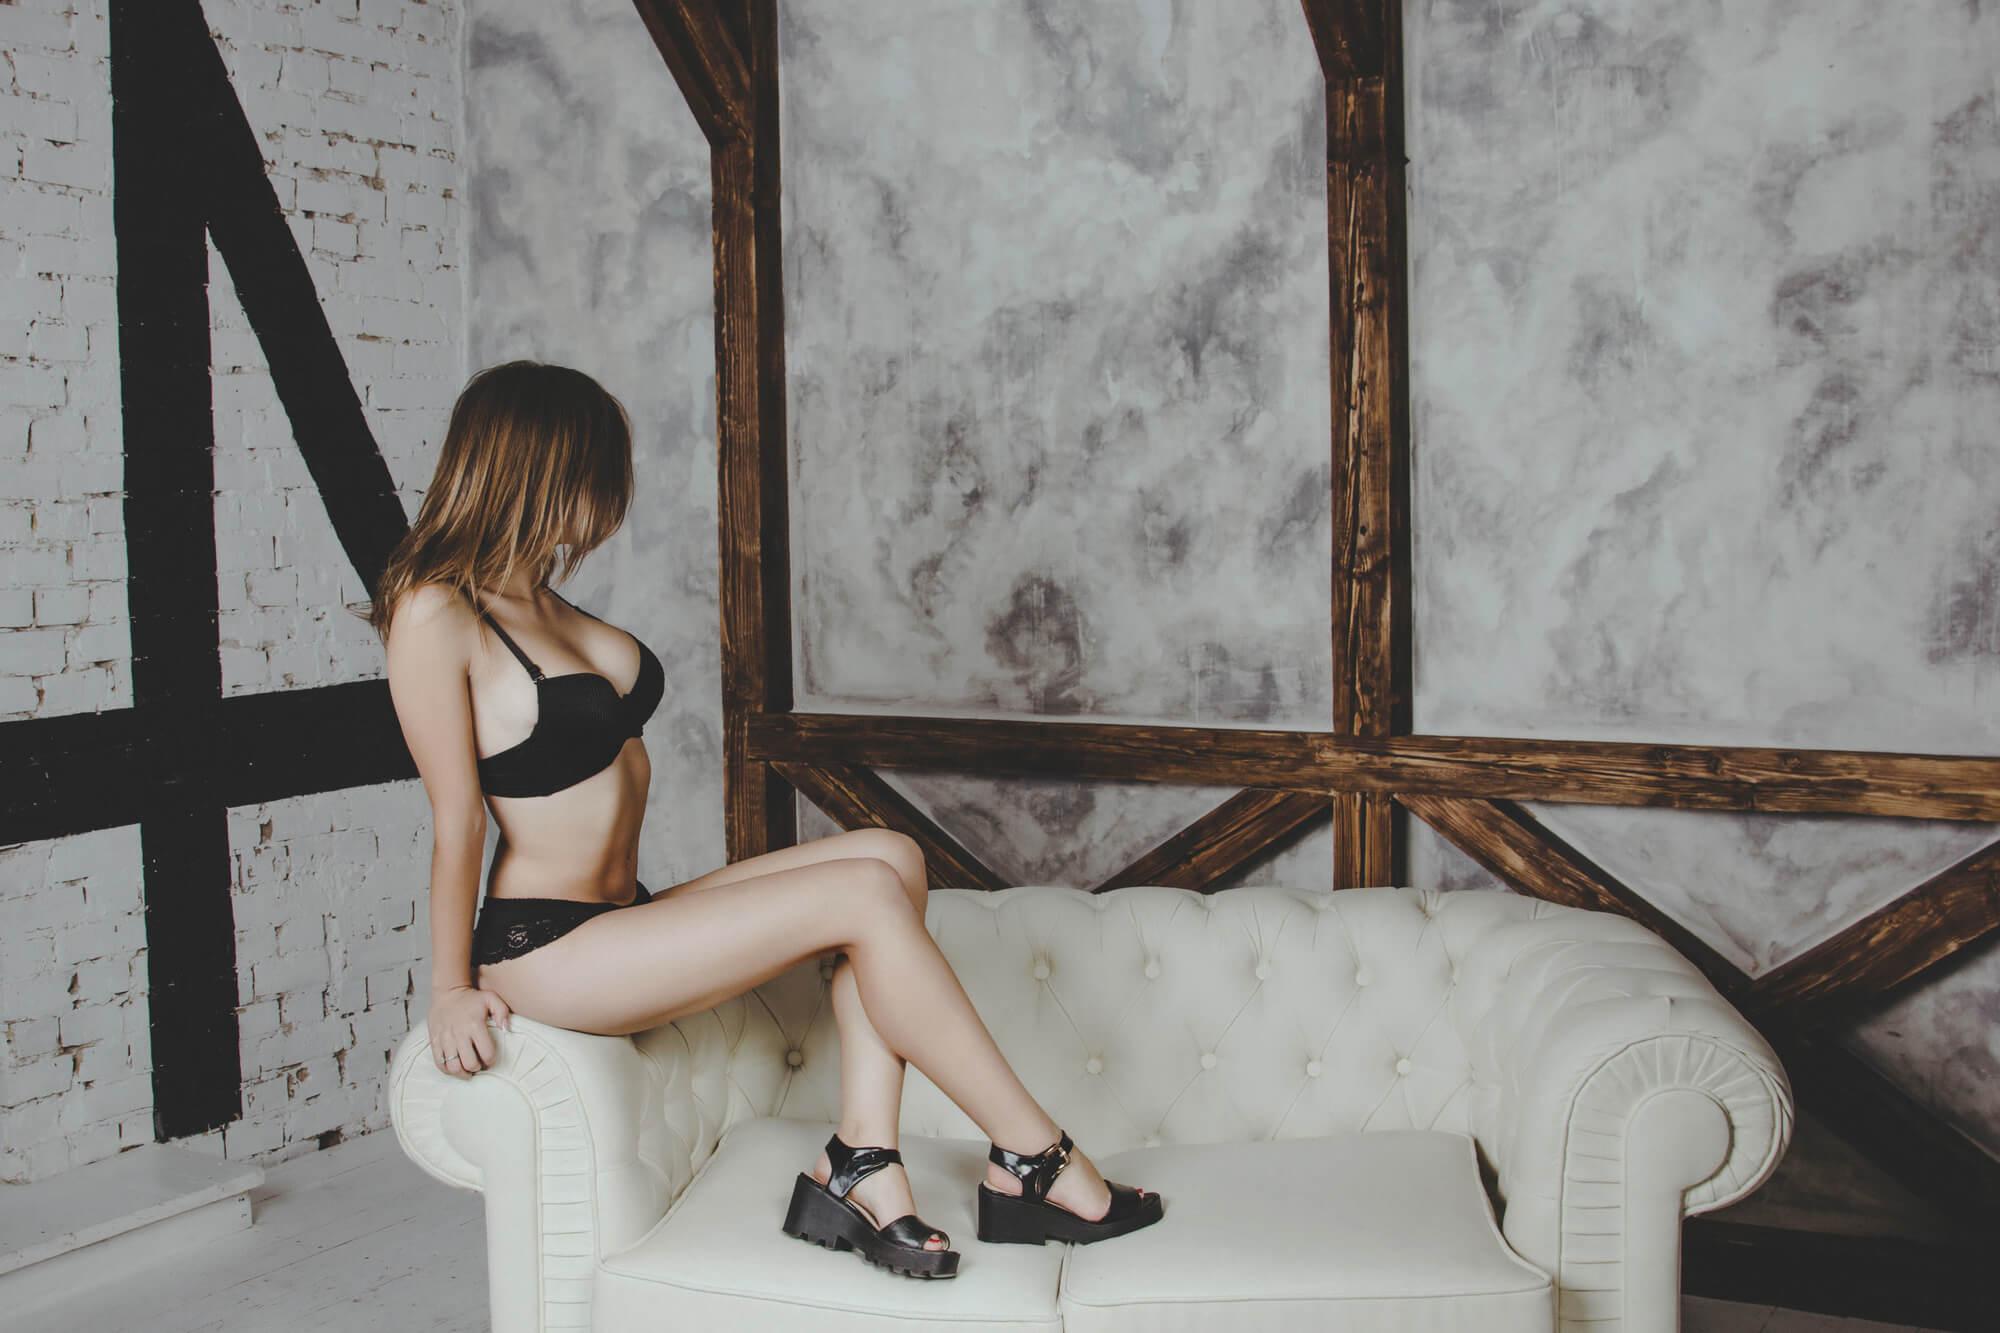 Сексуальная фотосессия девушки